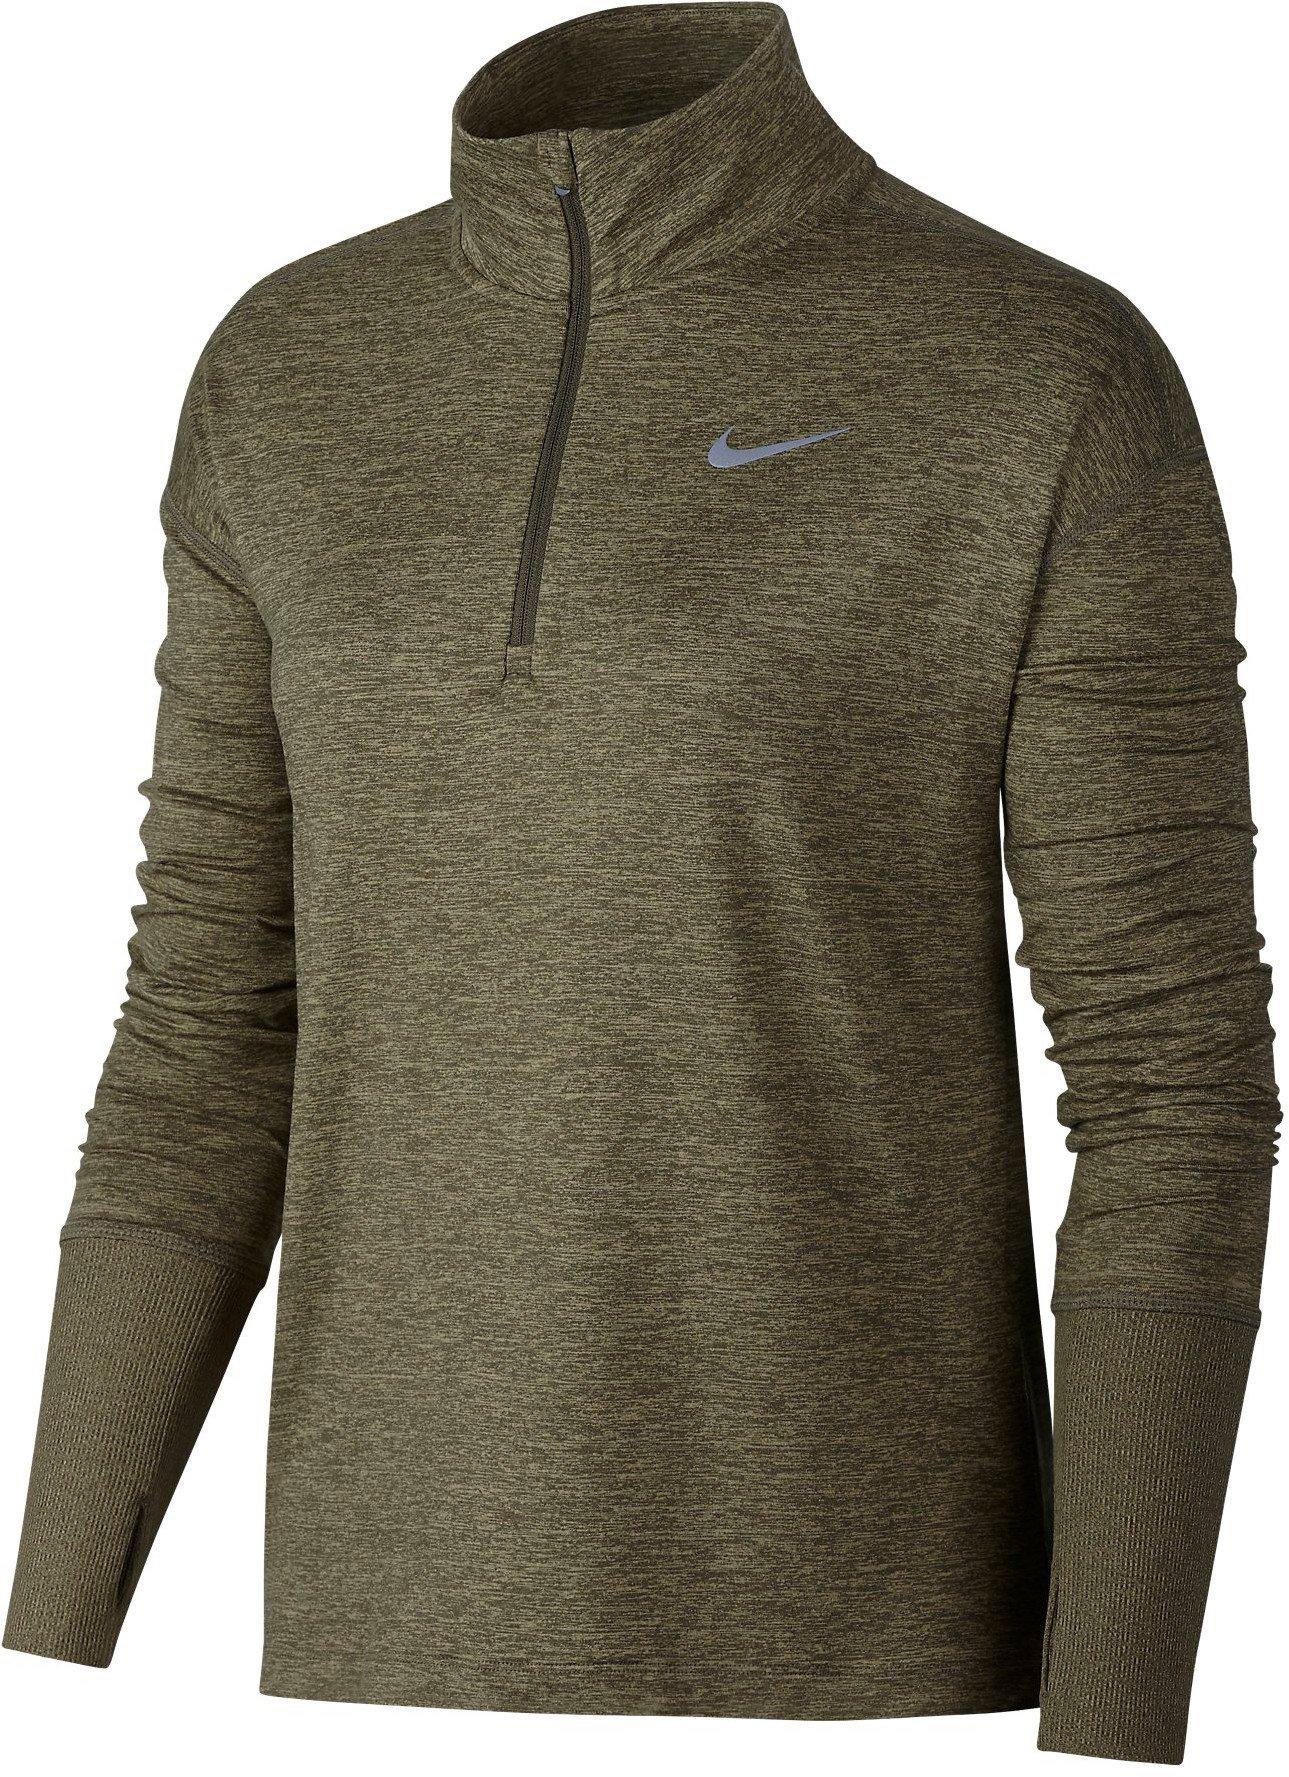 Dámský běžecký top s polovičním zipem Nike